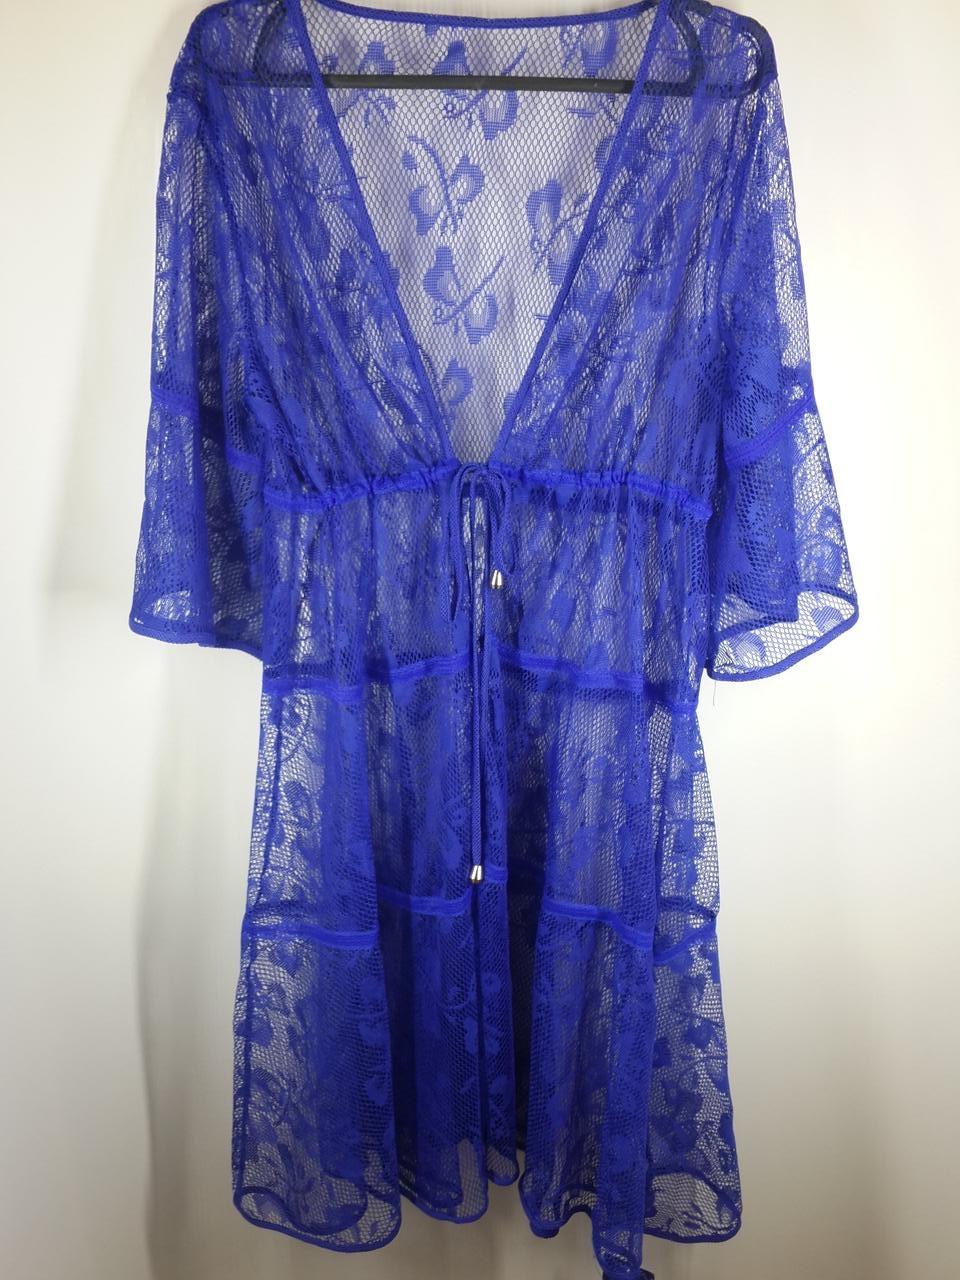 Пляжный синий халат  Бабочки 2717 на наши 46-48 размер.